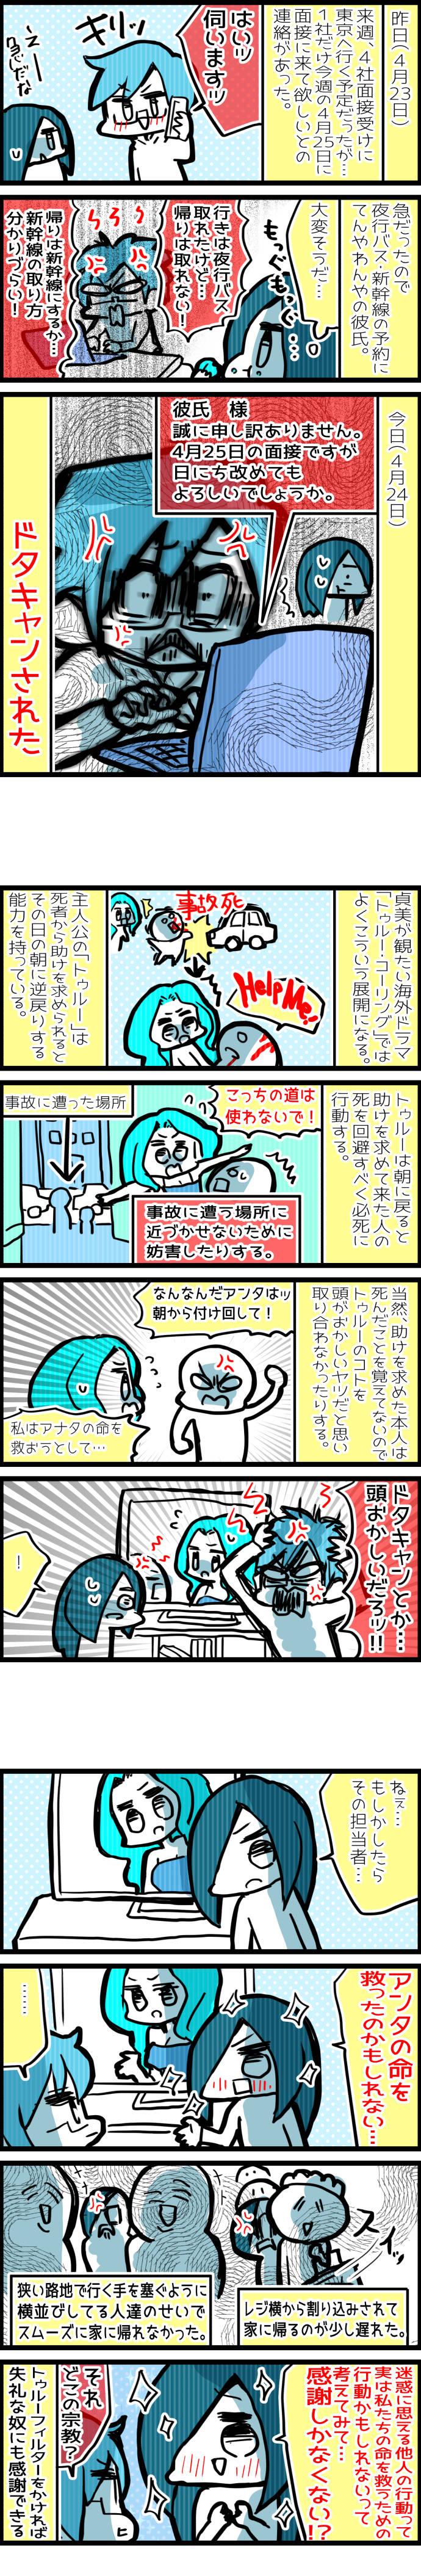 neetsadami.com_24話